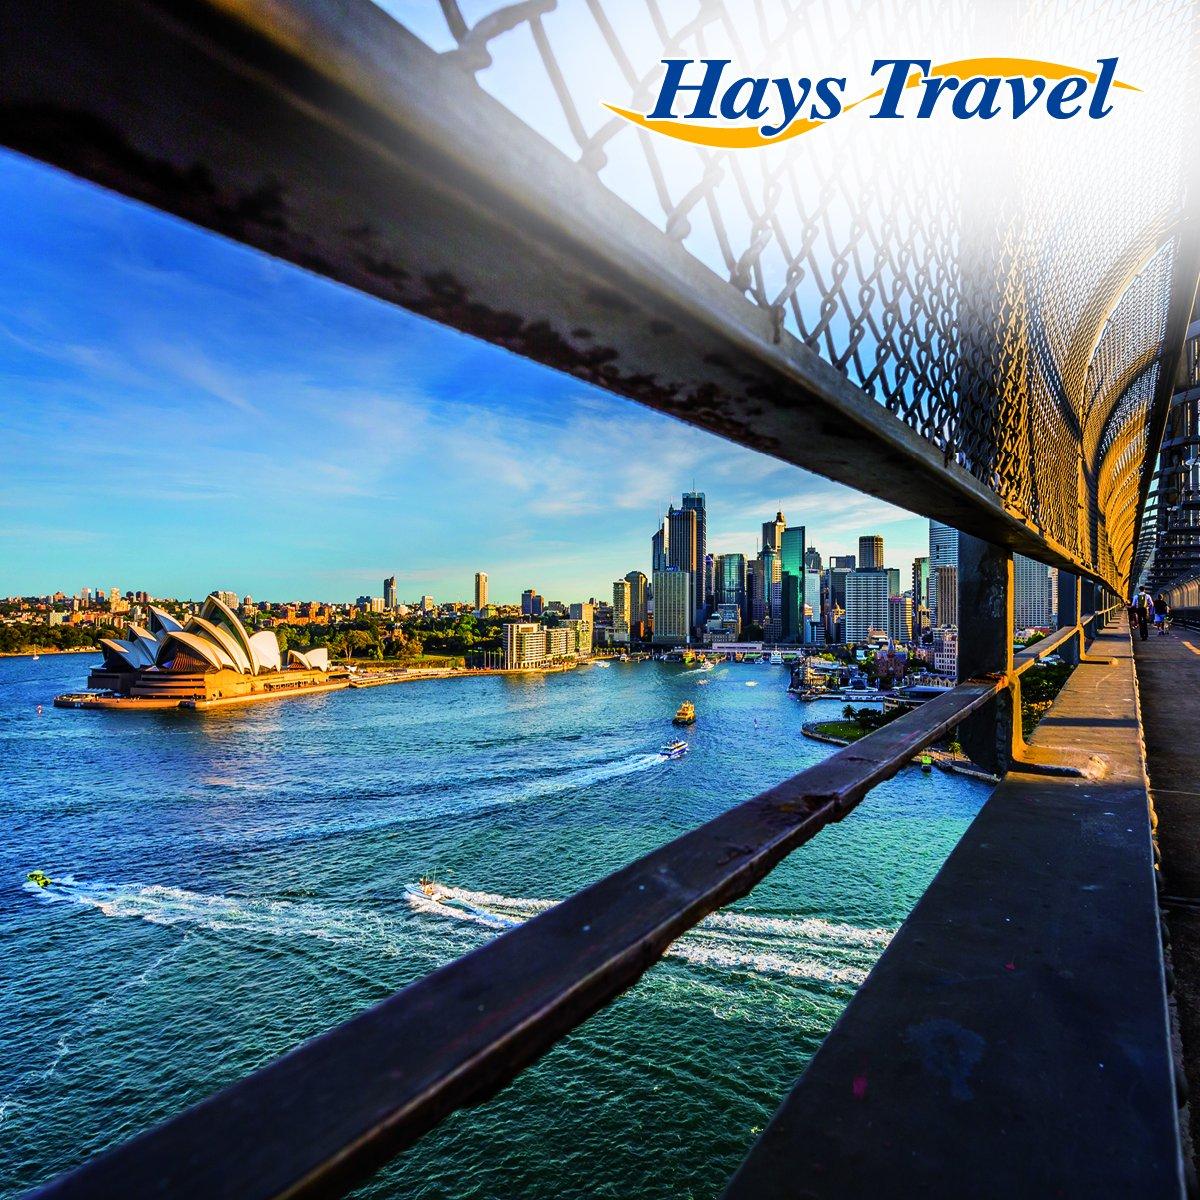 hays travel - photo #4